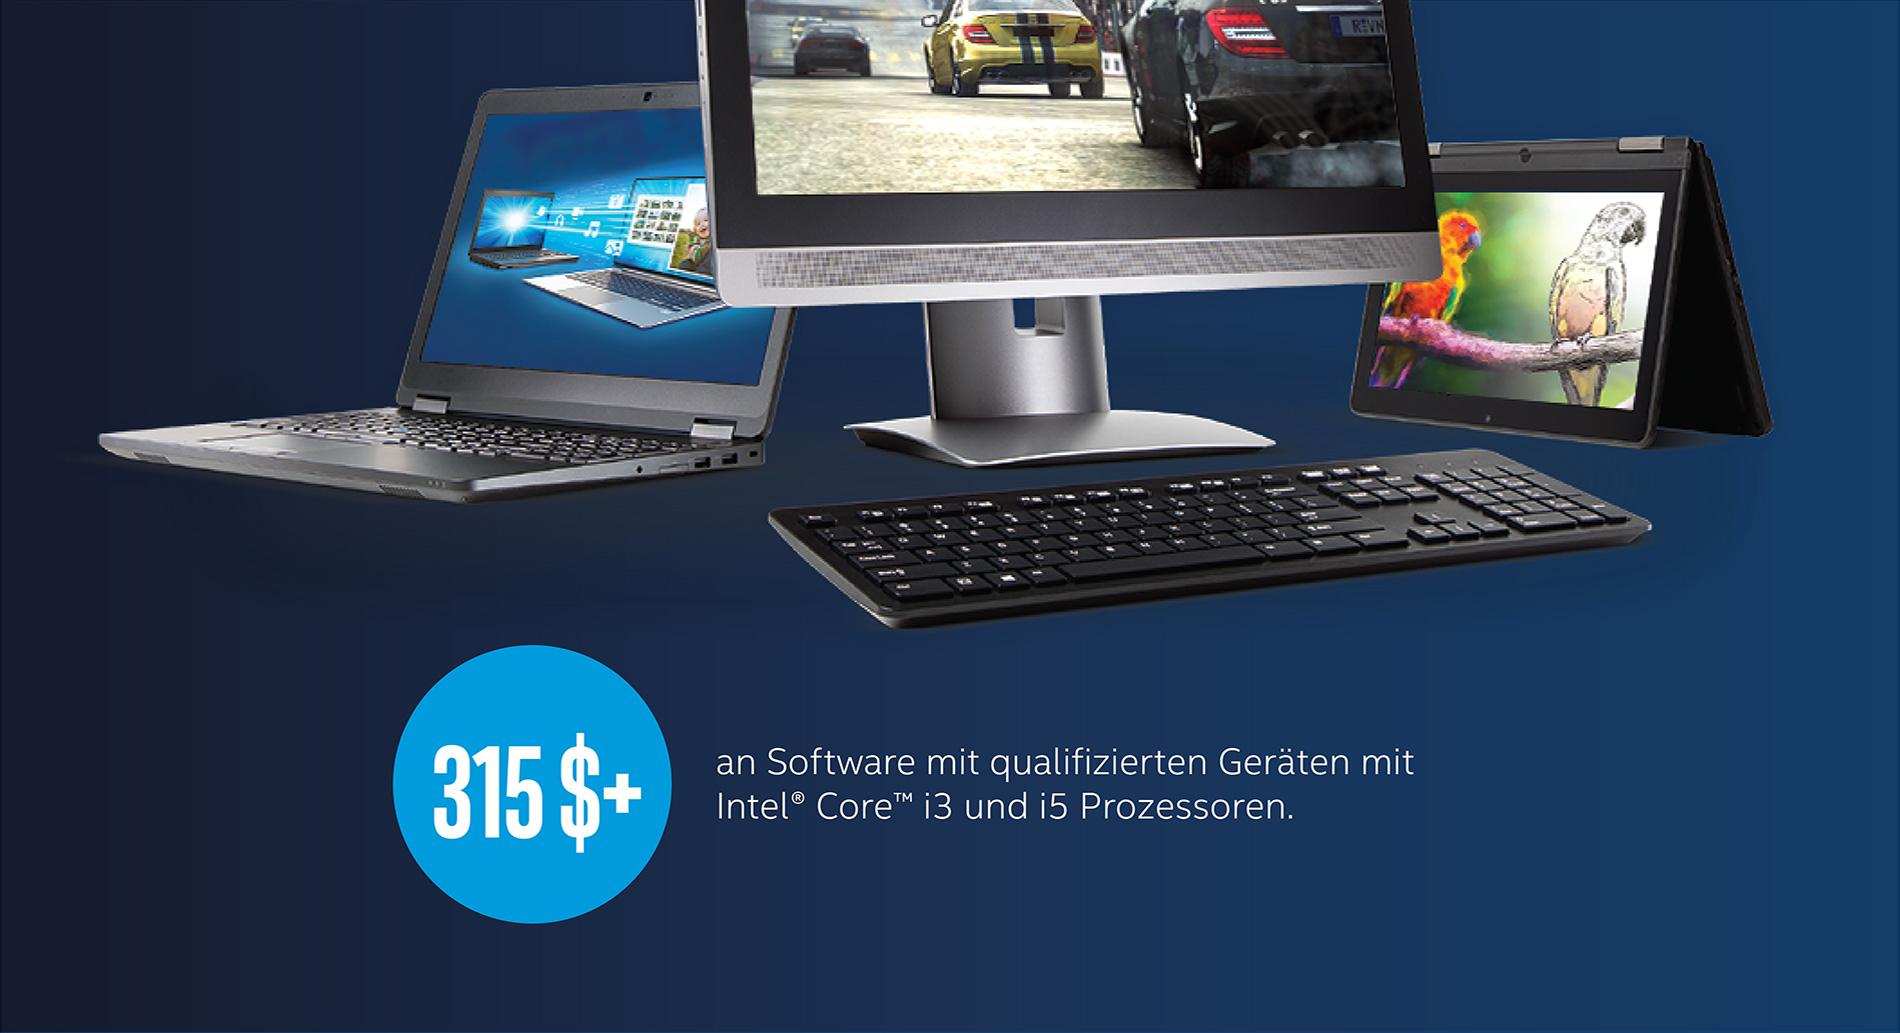 315$ + an Software mit qualifizierten Geräten mit Intel® Core™ i3 und i5 Prozessoren.